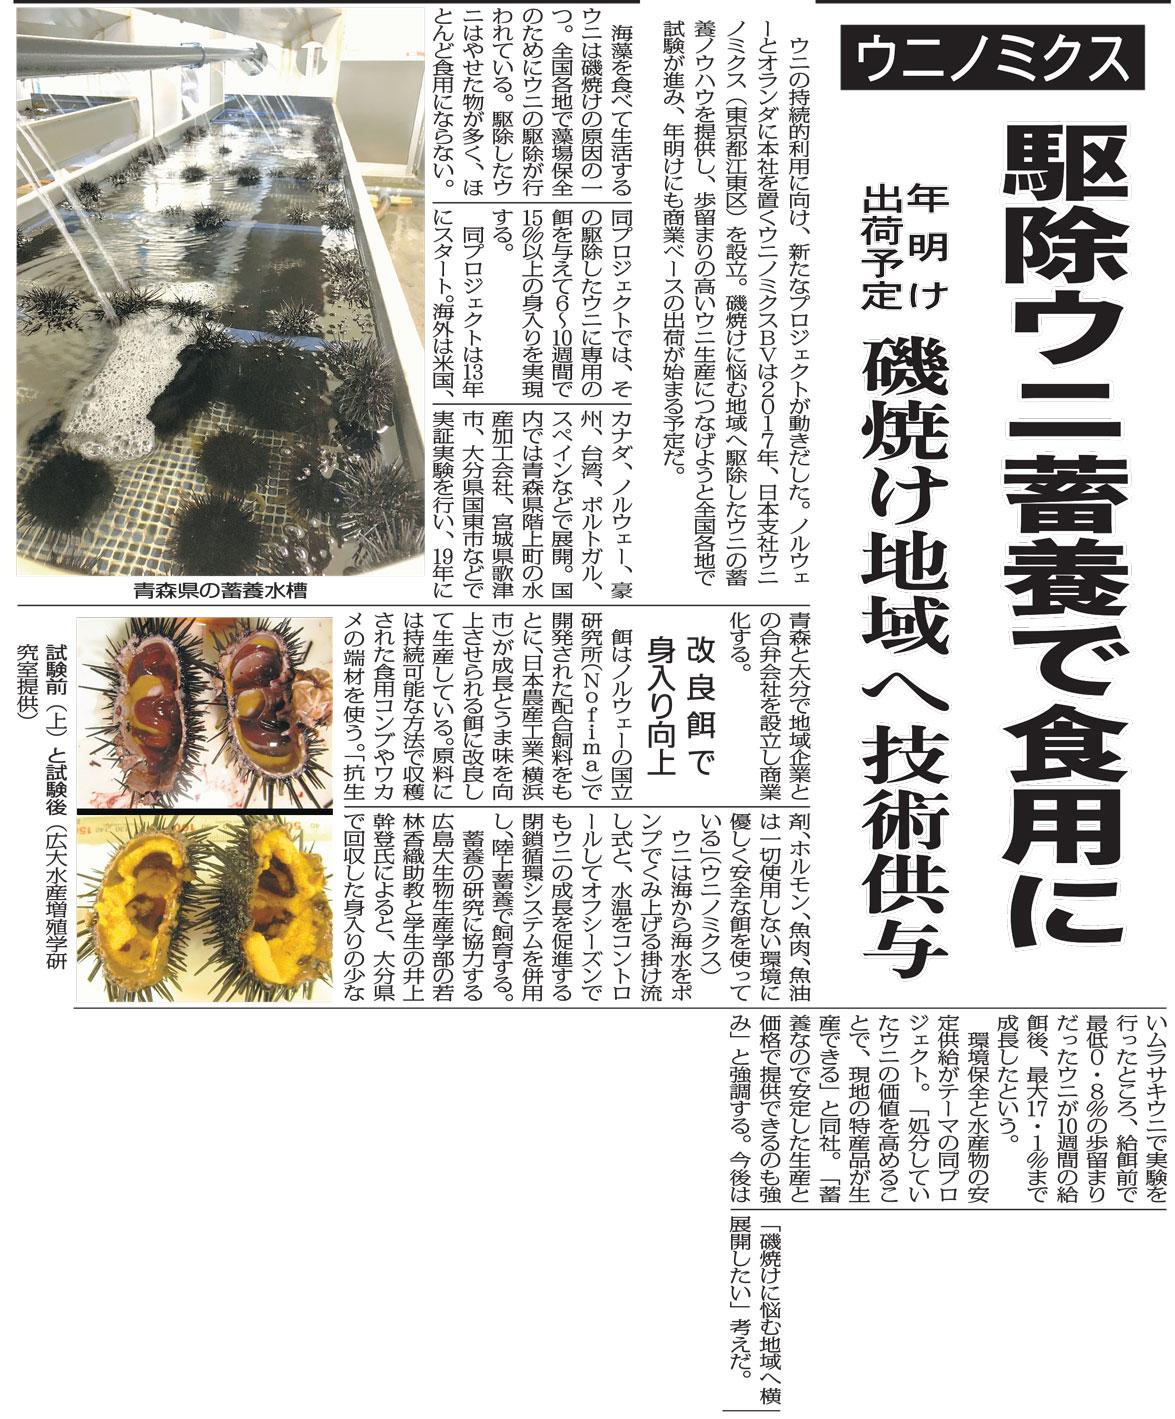 みなと新聞2018.12.13.jpg